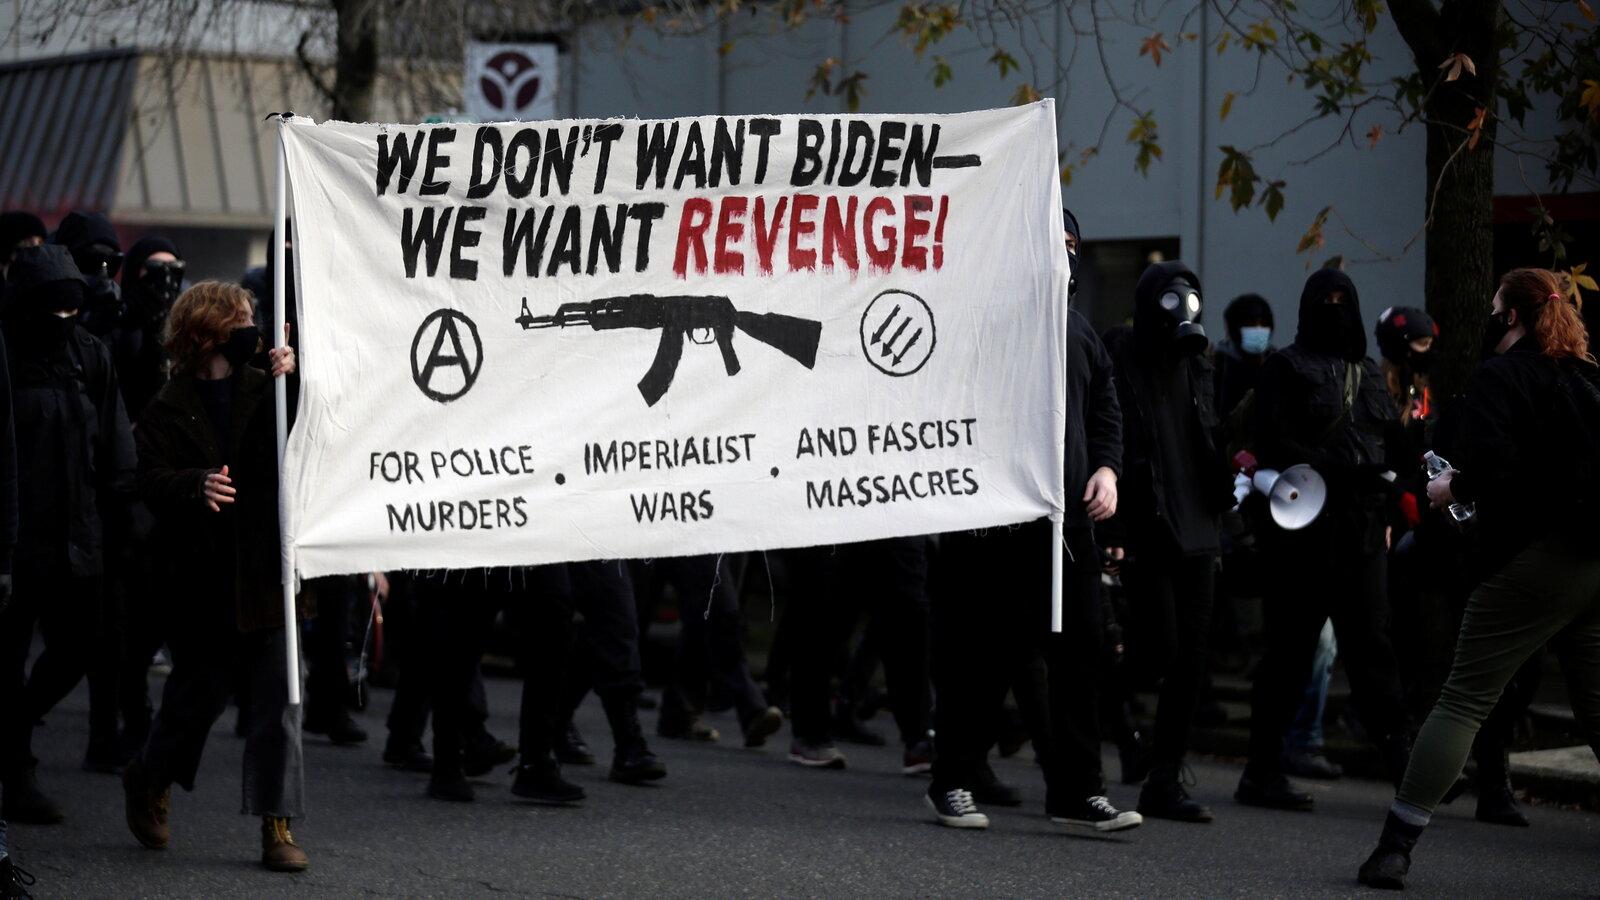 在拜登就職當天,激進左派組織安提法(Antifa),破壞俄勒岡州的民主黨總部,同時咒罵拜登。    資料圖片